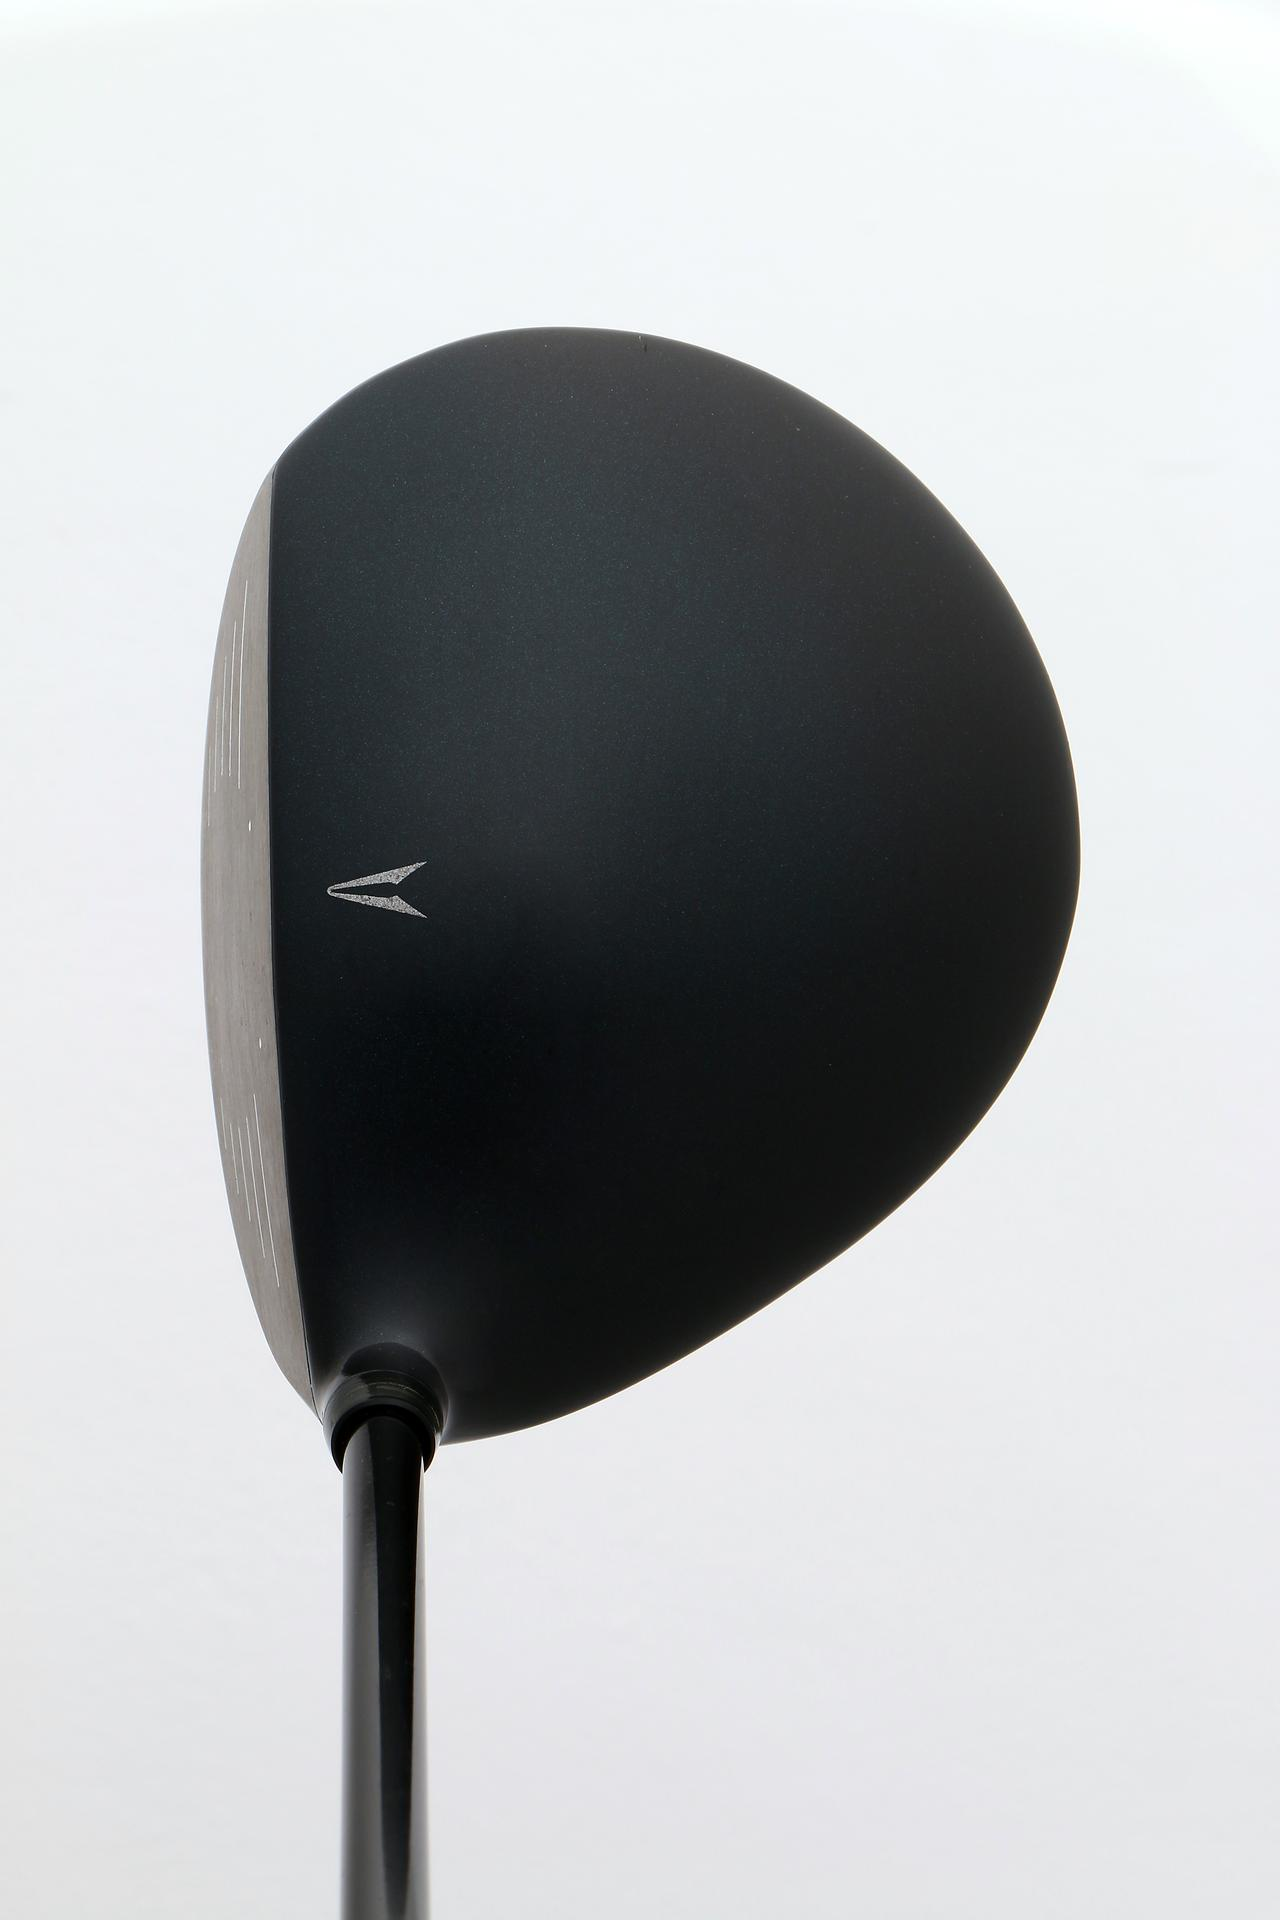 画像2: 4代目XXIO 「オールニューゼクシオ」 2006年発売/ヘッド体積432cc/45インチ ●適合と高反発の2モデルが出た ●適合モデルは3ピース、高反発モデルは2ピースヘッド SLEルールを控えて、適合品と高反発モデルが分かれる。